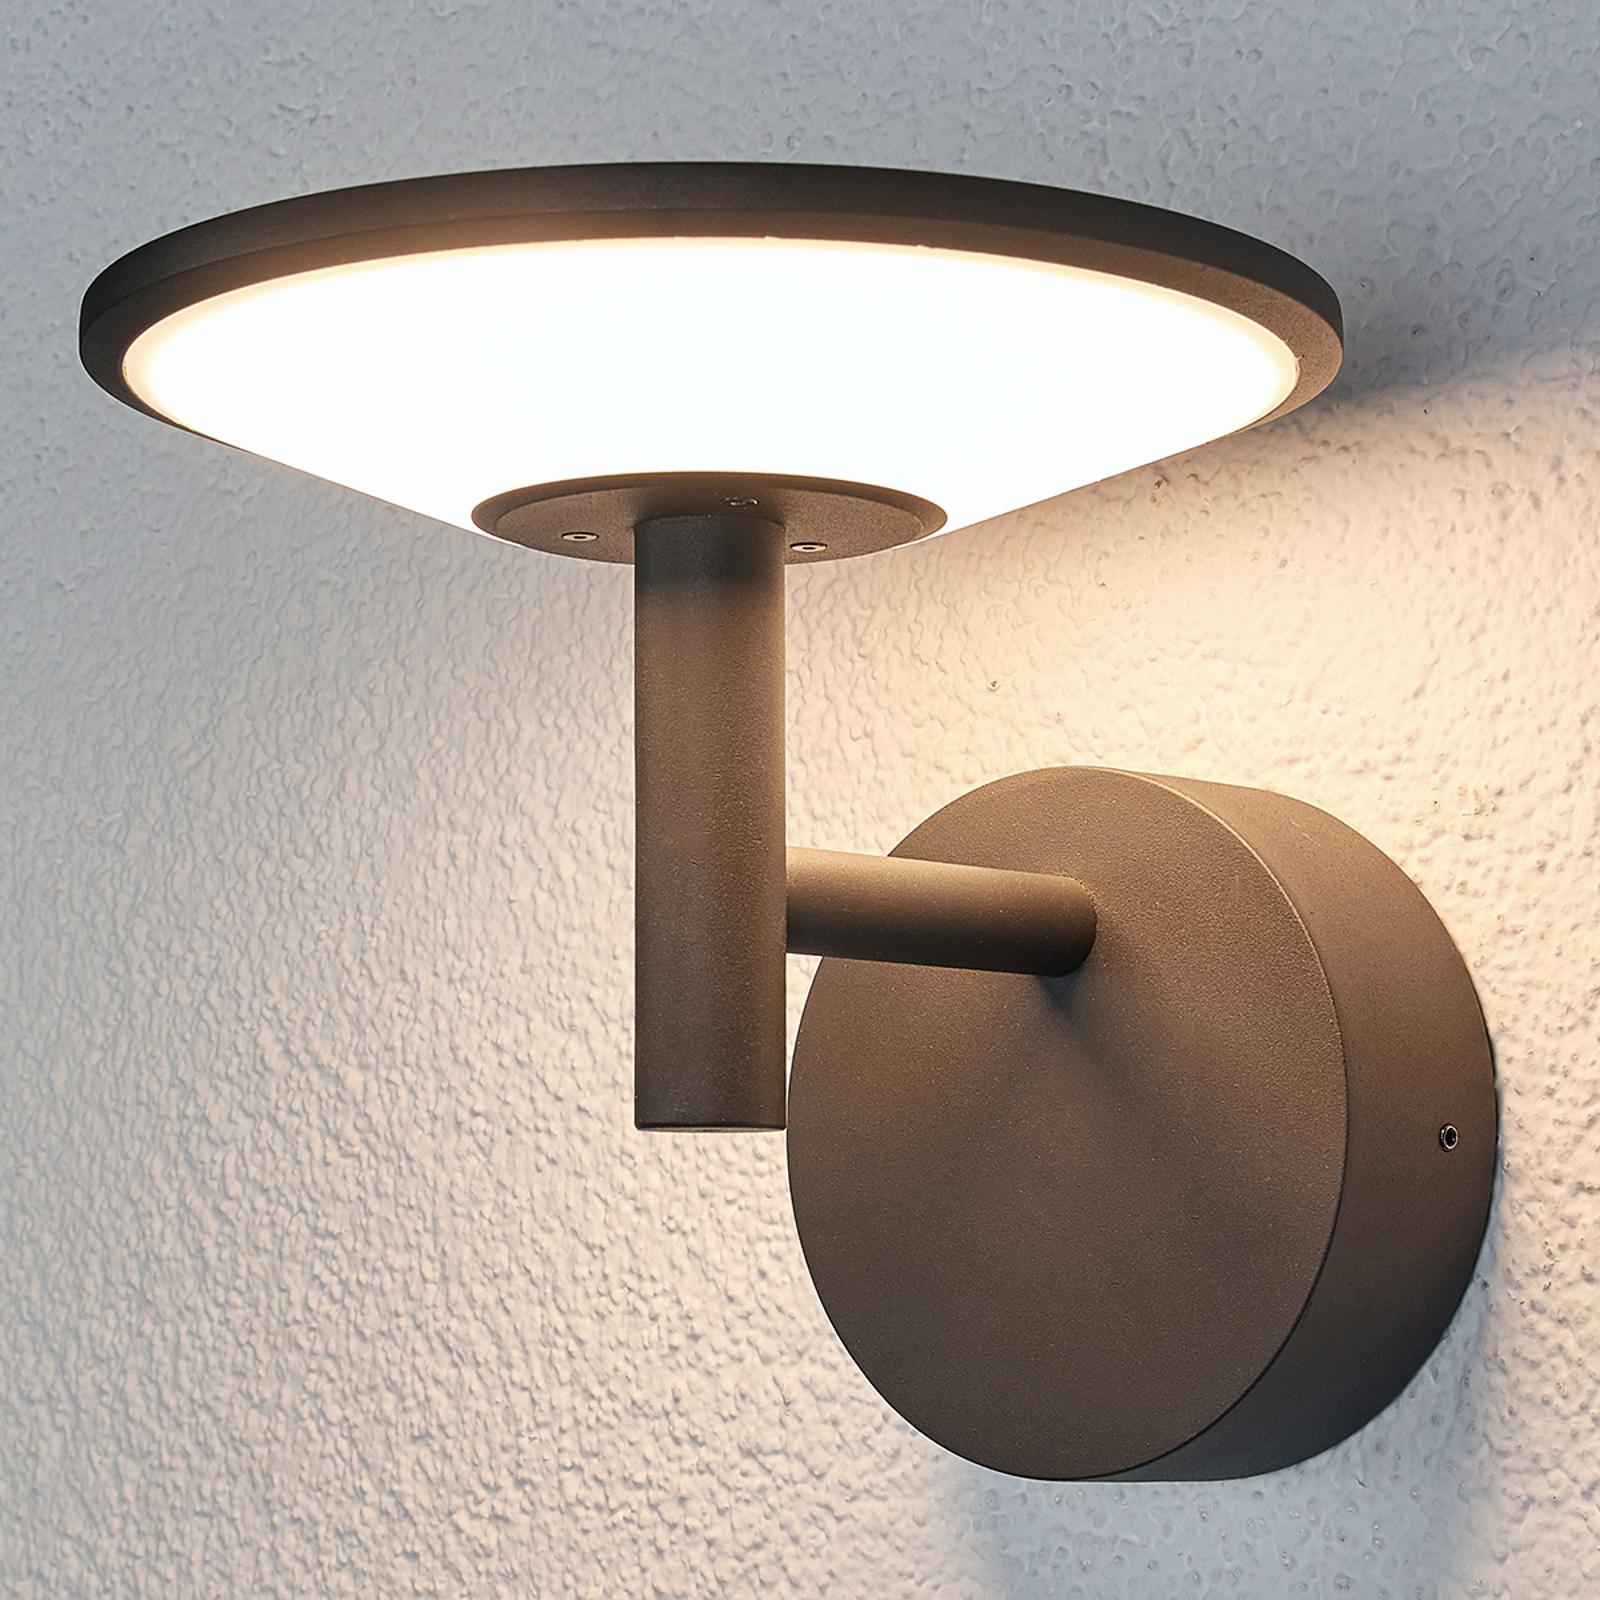 Antracytowy kinkiet zewnętrzny LED Fenia